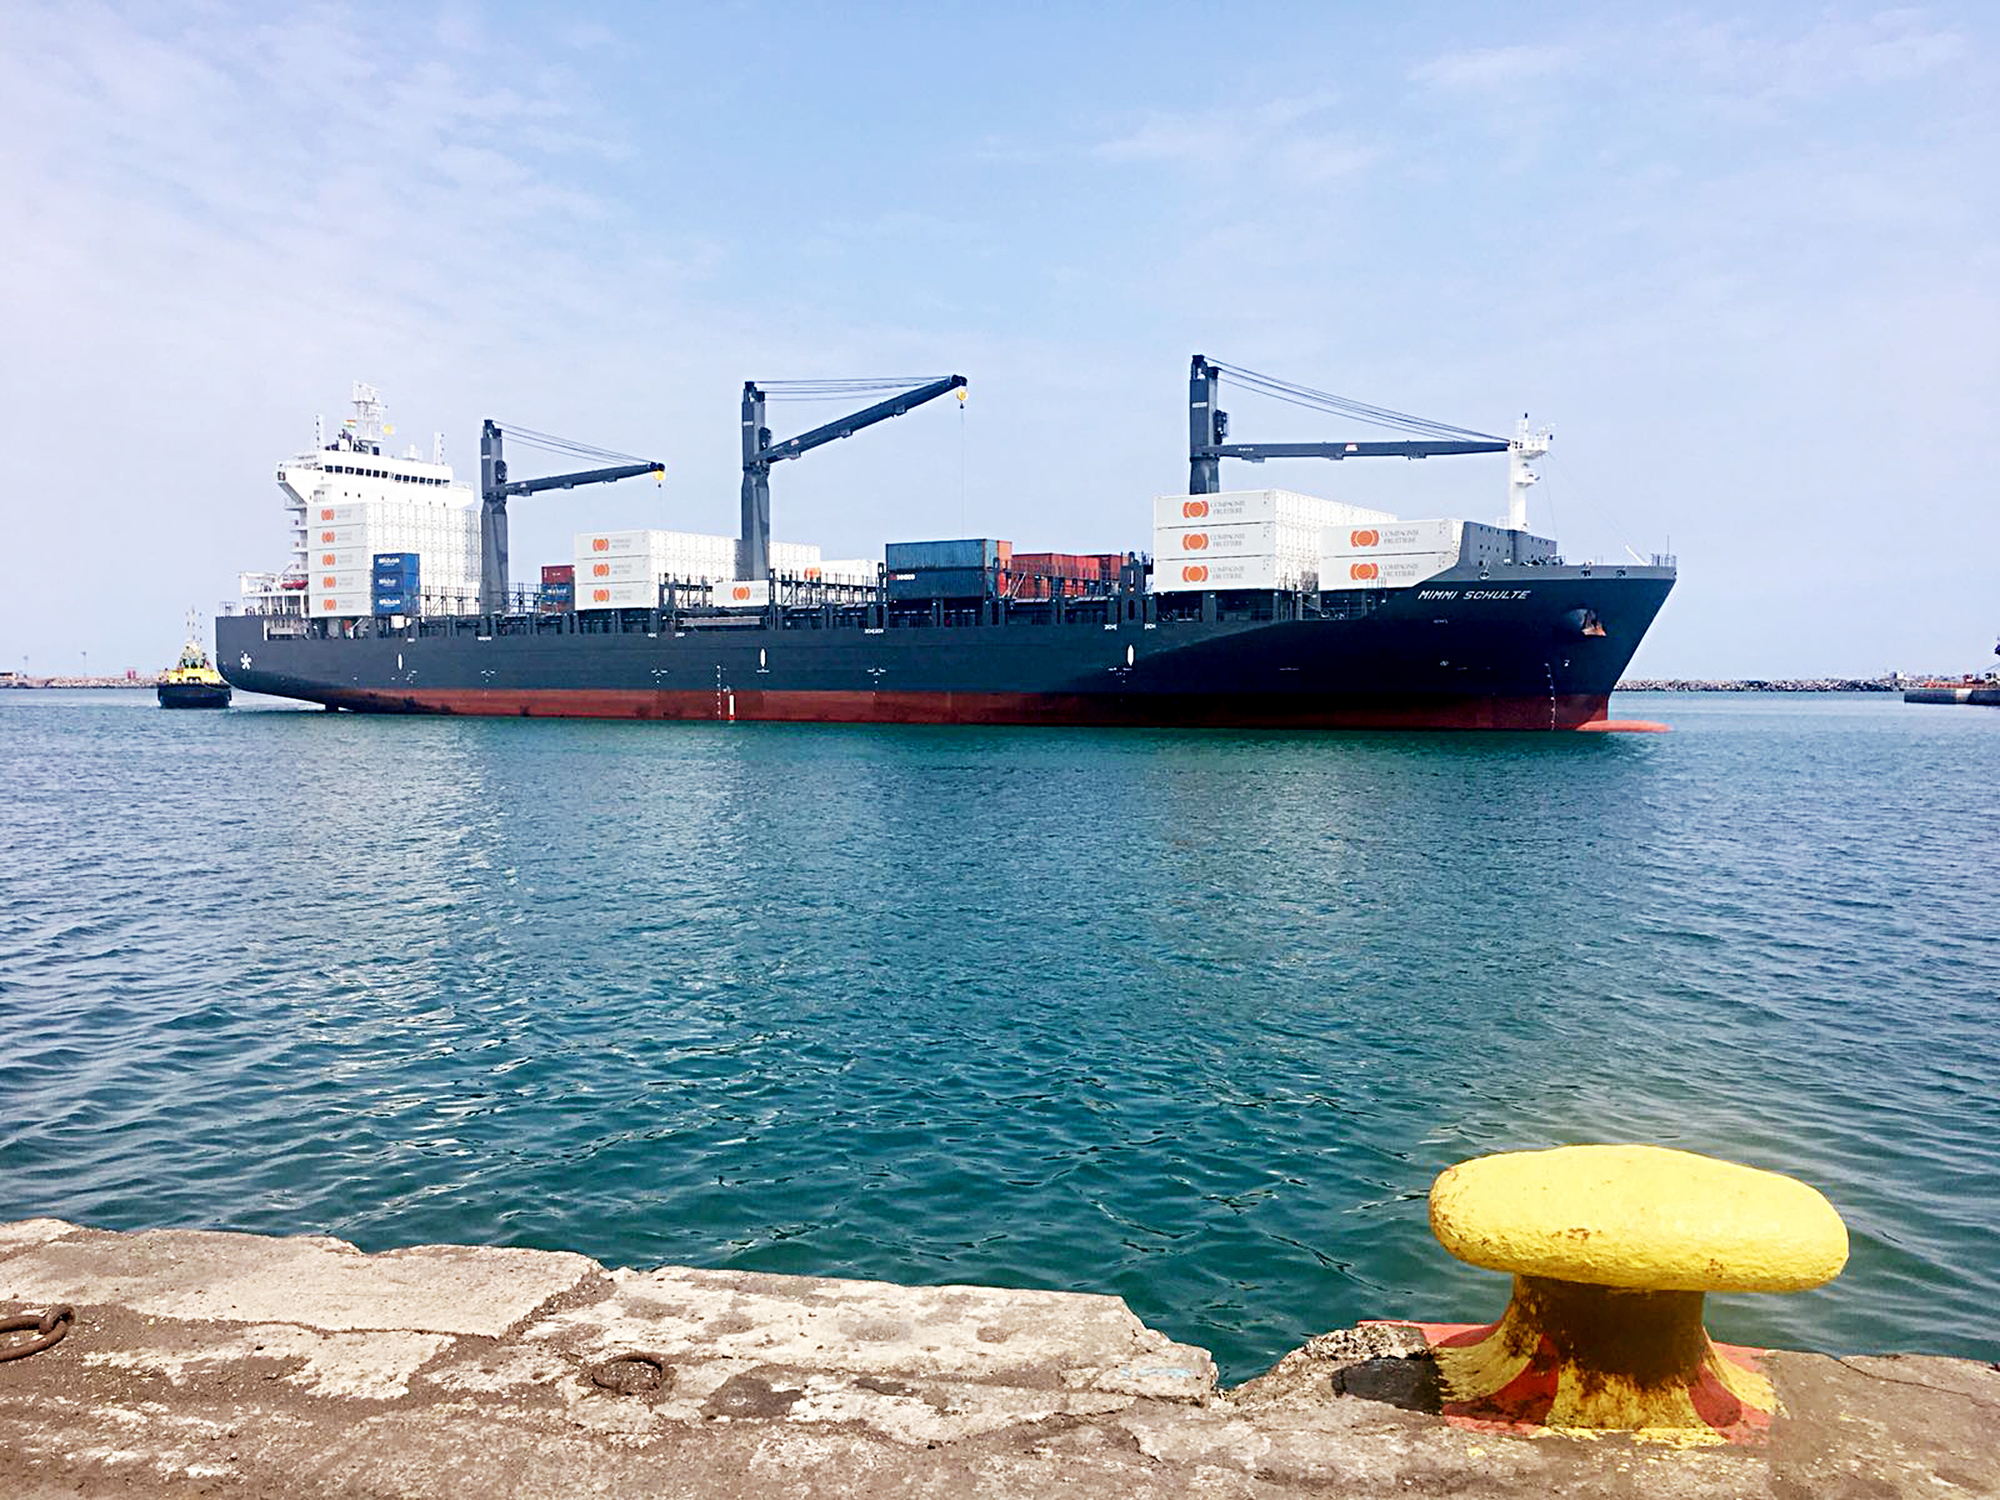 Le Mimmi Schulte, un des nouveaux porte-conteneurs du producteur, dans le port de Tema, au Ghana.